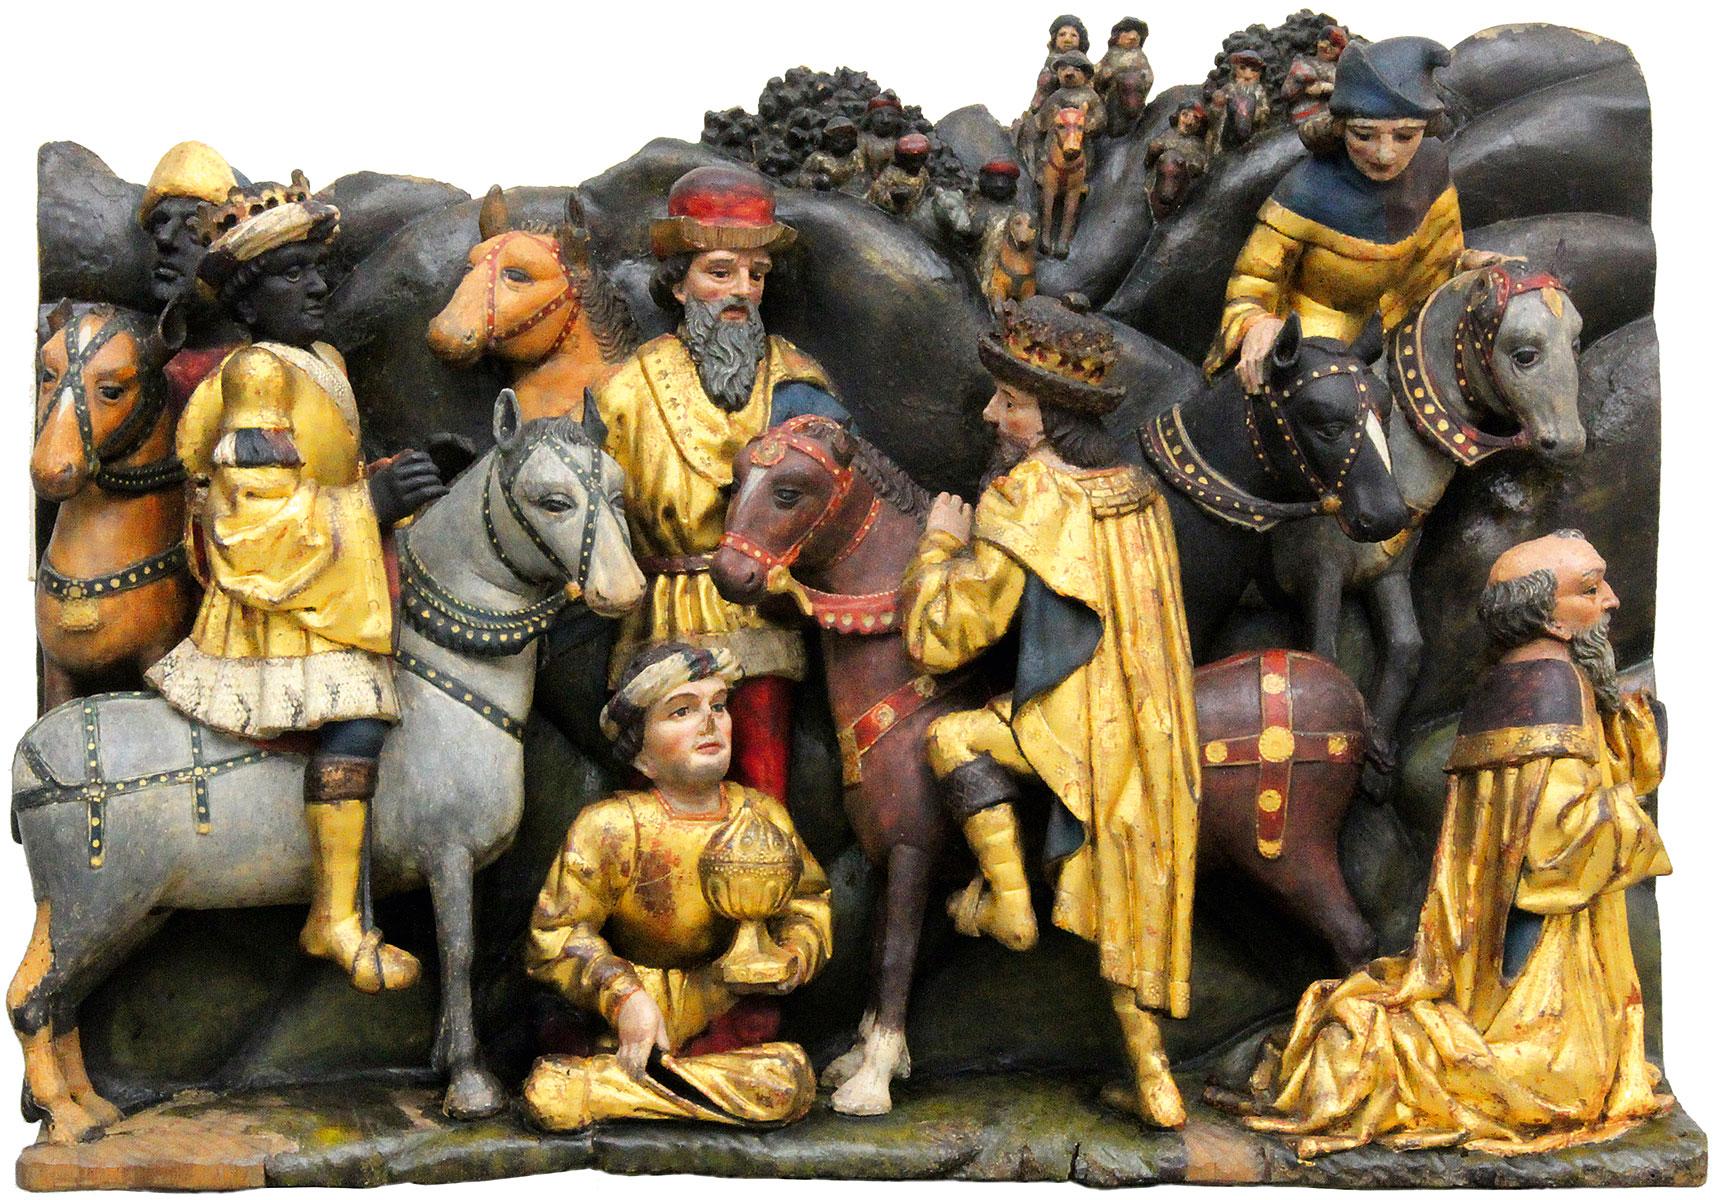 Relief der Heiligen Drei Könige, um 1500, 50×70×18 cm; St. Annen-Museum, Lübeck